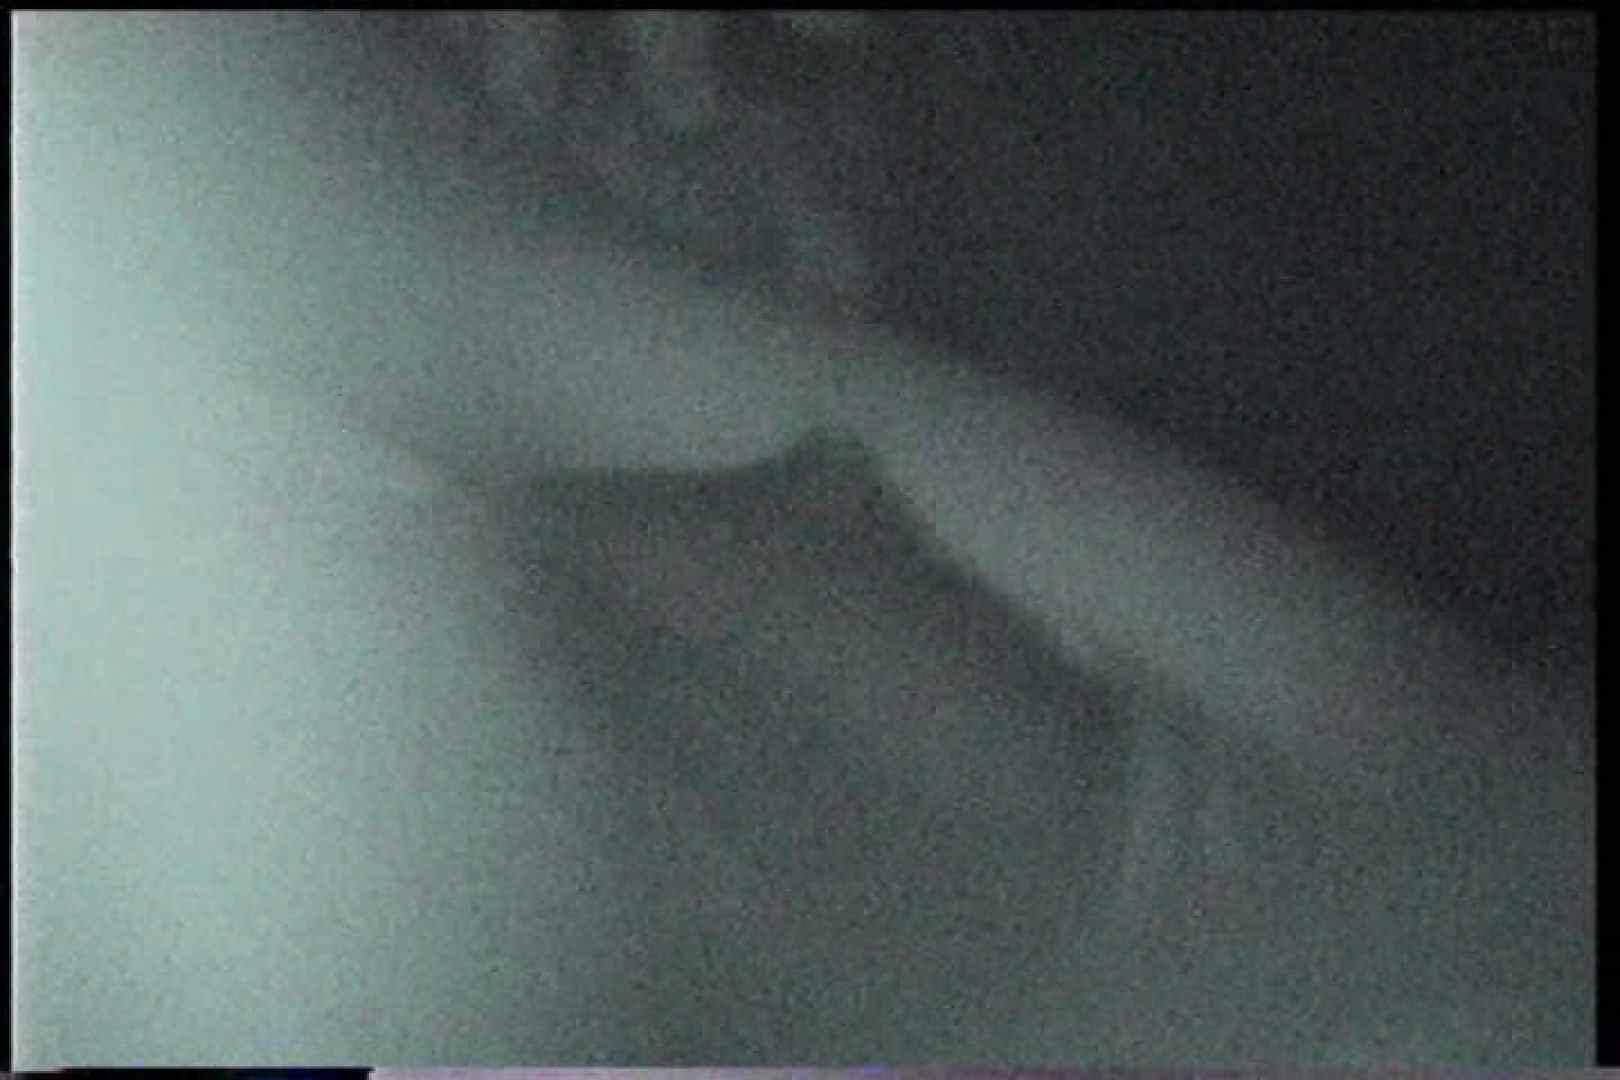 充血監督の深夜の運動会Vol.173 乳首 のぞき動画画像 74pic 44